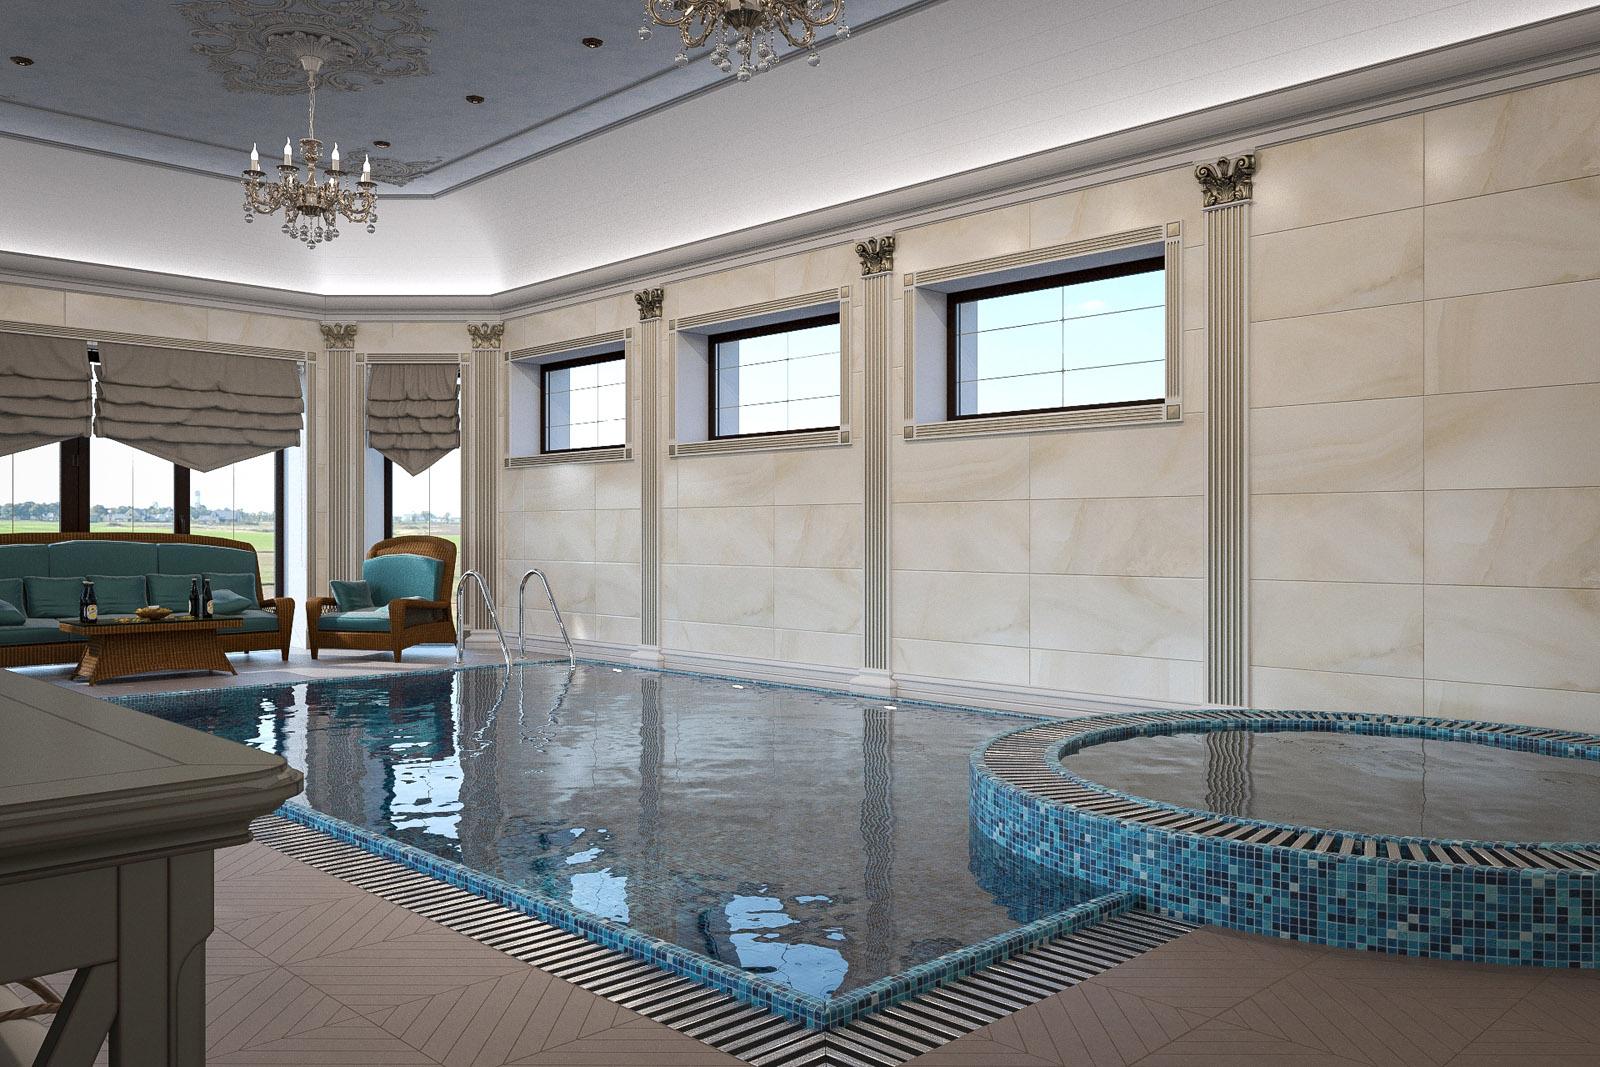 бассейн в коттедже дизайн фото счёт